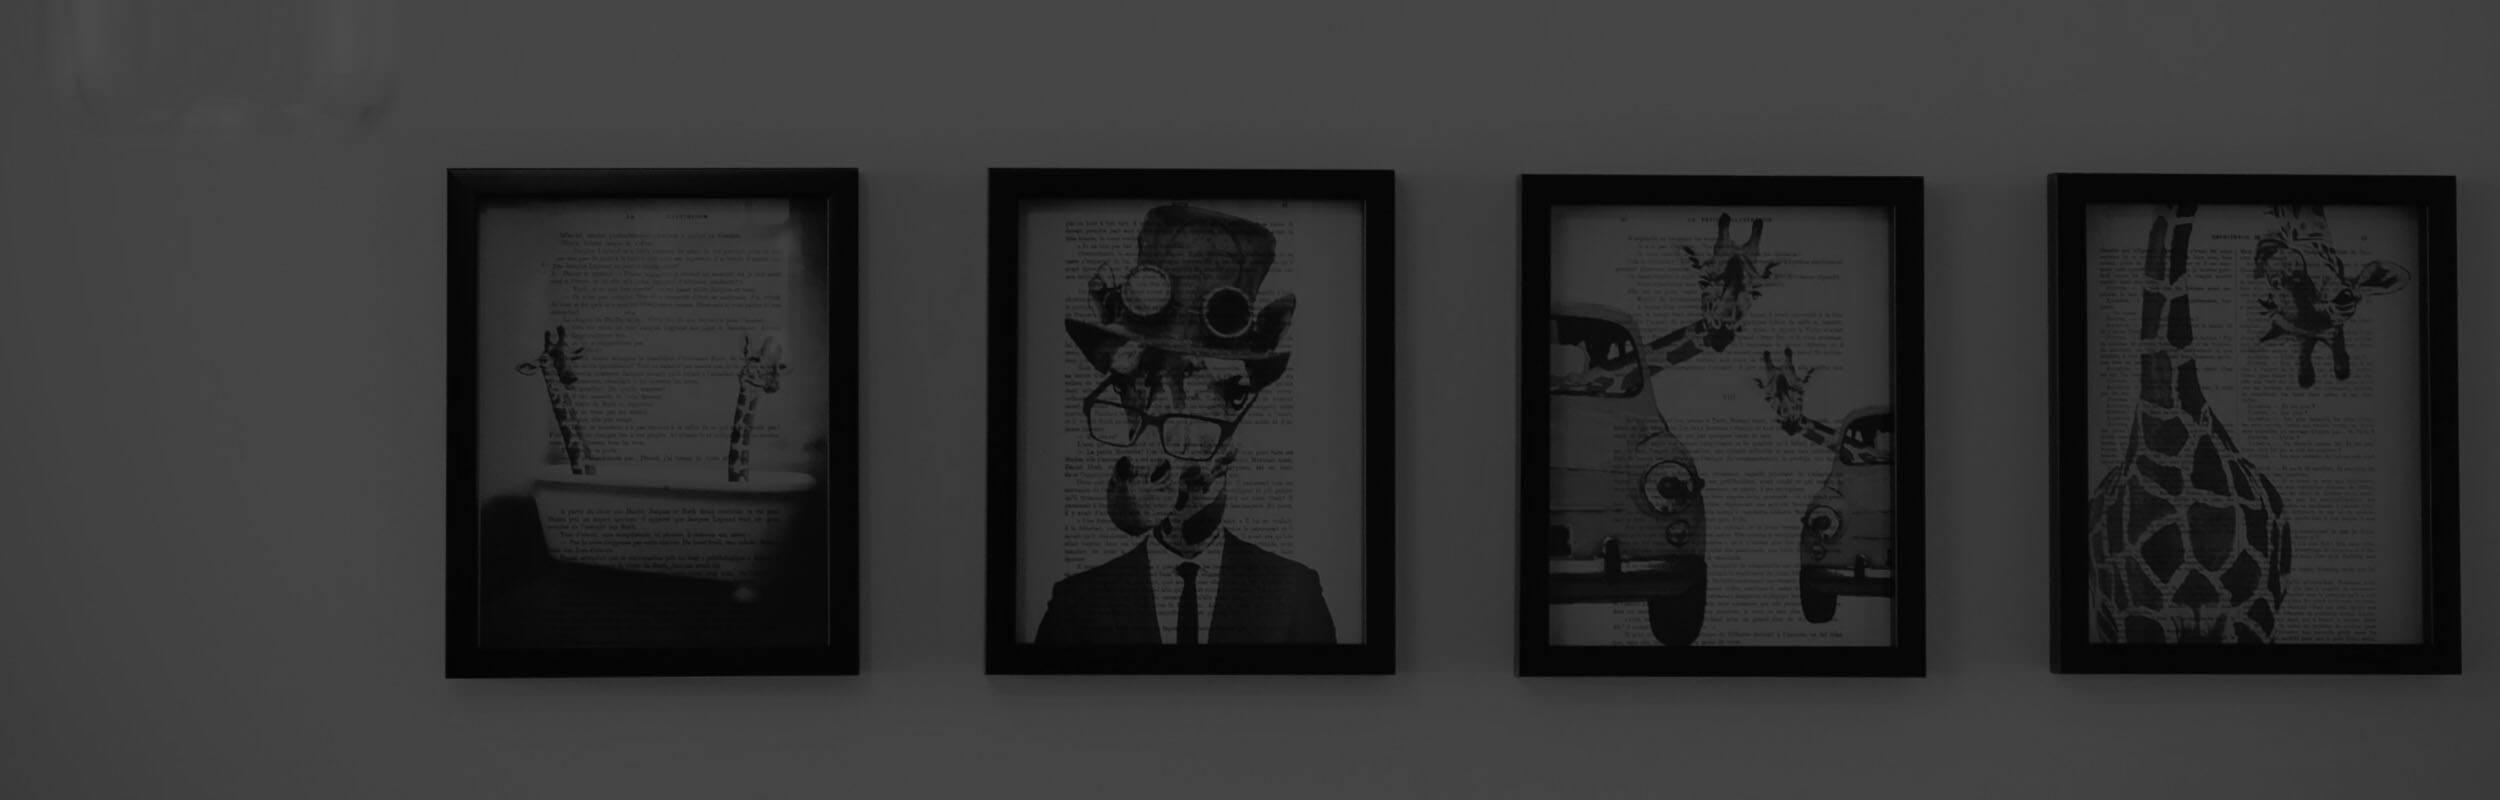 štyri obrazy zavesené na stene